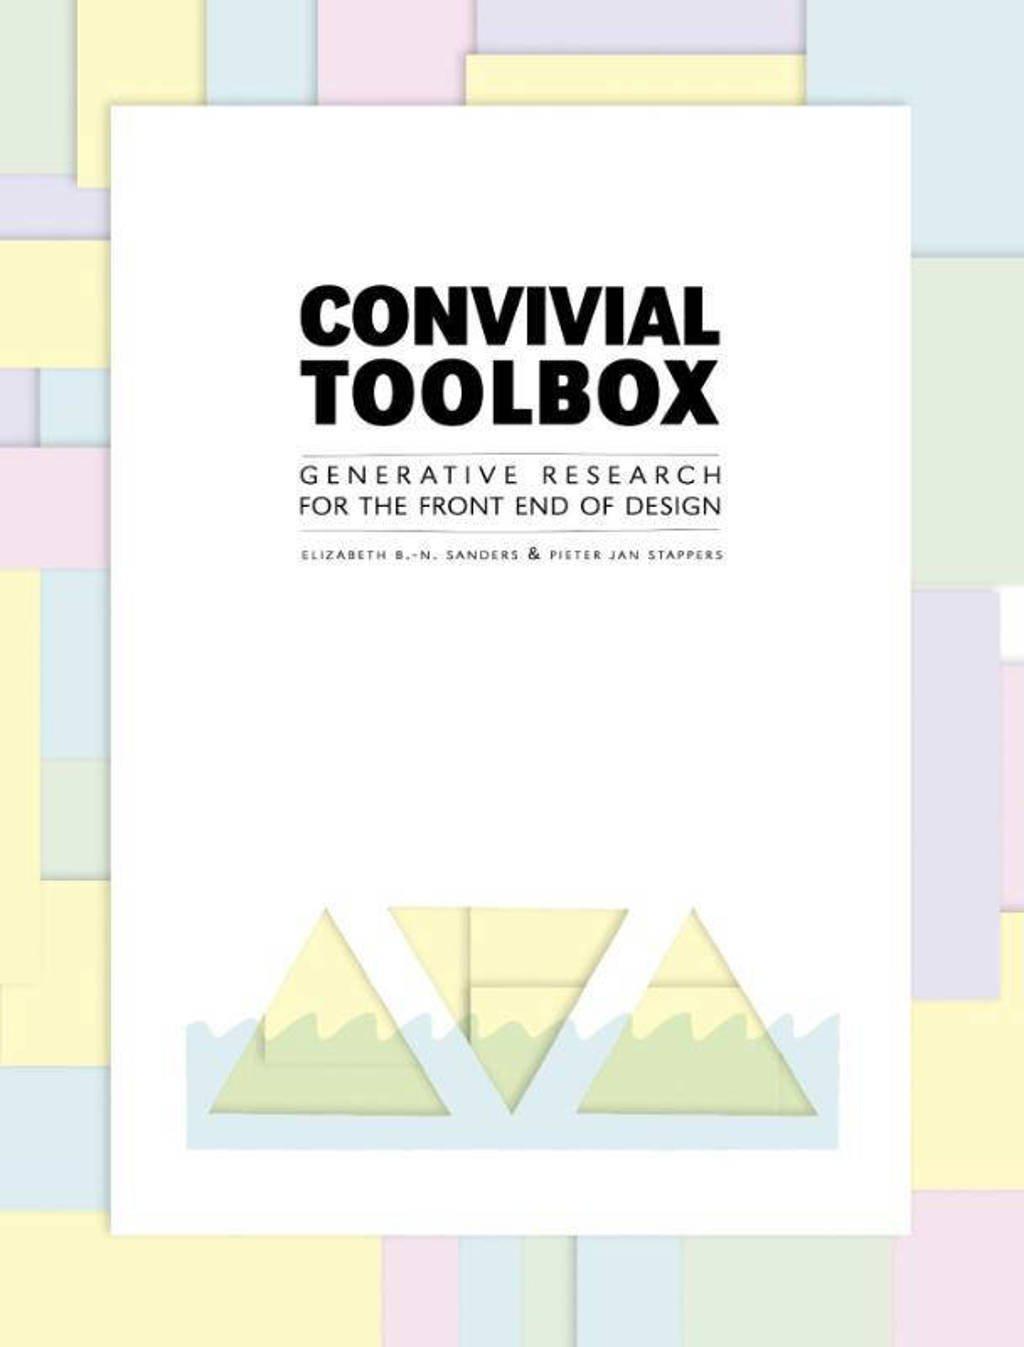 Convivial toolbox - Elizabeth B.-N. Sanders en Pieter Jan Stappers